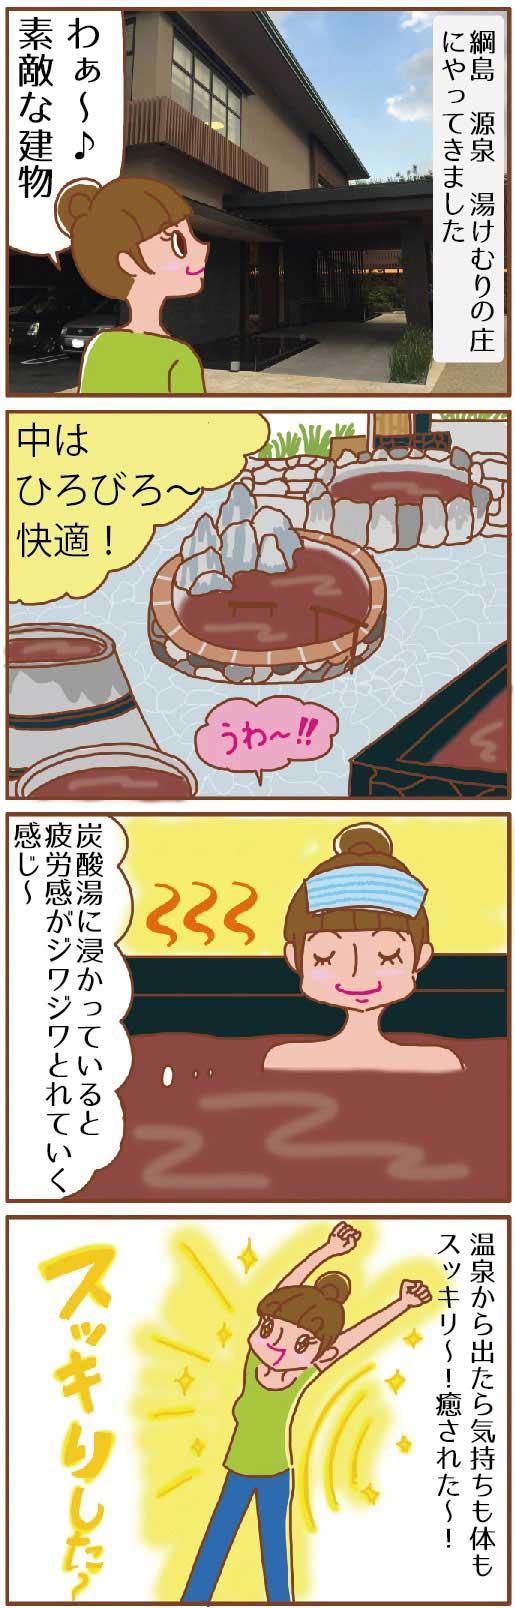 WEB @cosume BeautySpecialist「9温泉で心身共に癒しましょう♪」コラムマンガ,イラストルポ,ルポマンガ,体験漫画